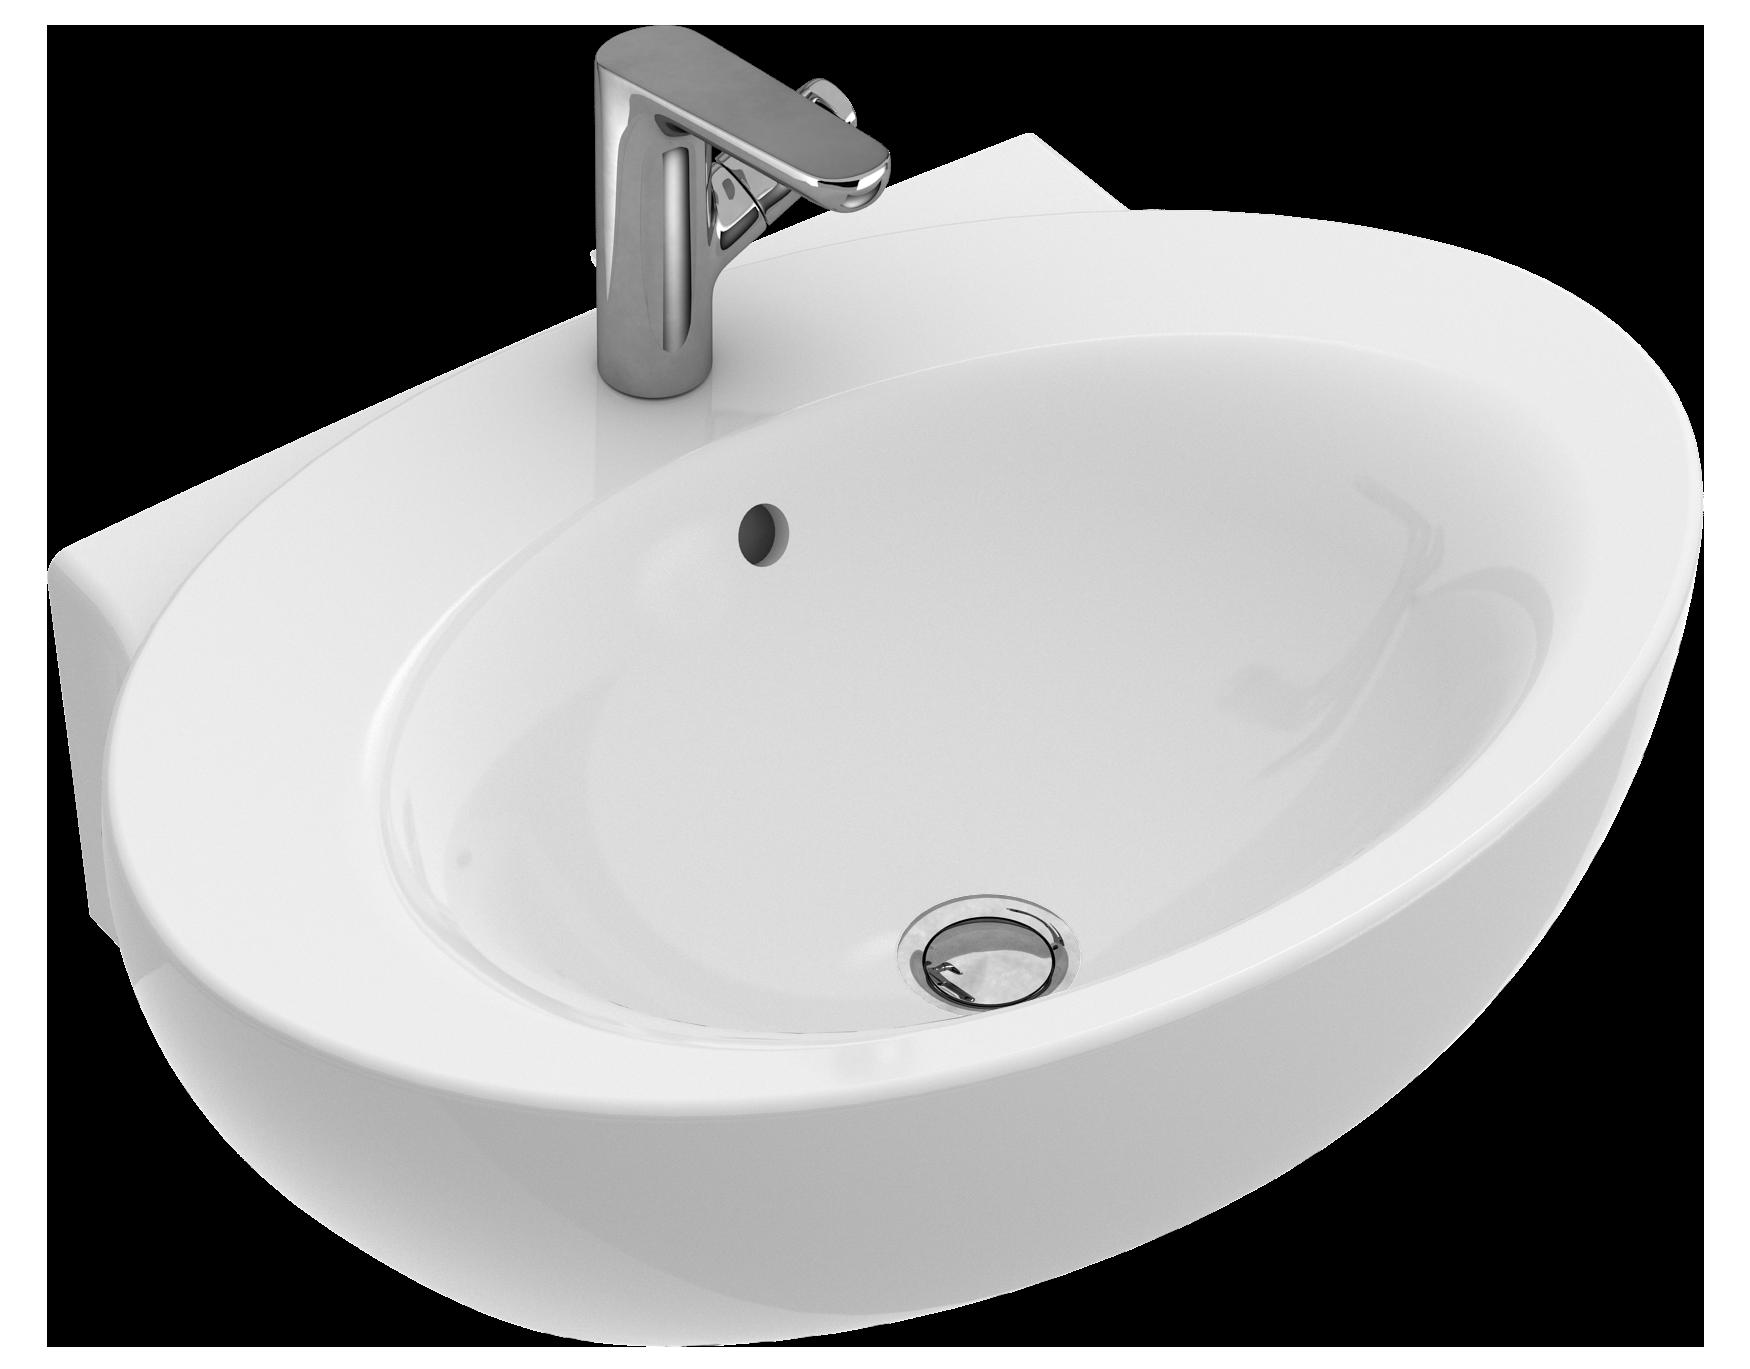 Aufsatzwaschbecken oval mit hahnloch  Aveo New Generation Waschtisch Oval 41307H - Villeroy & Boch